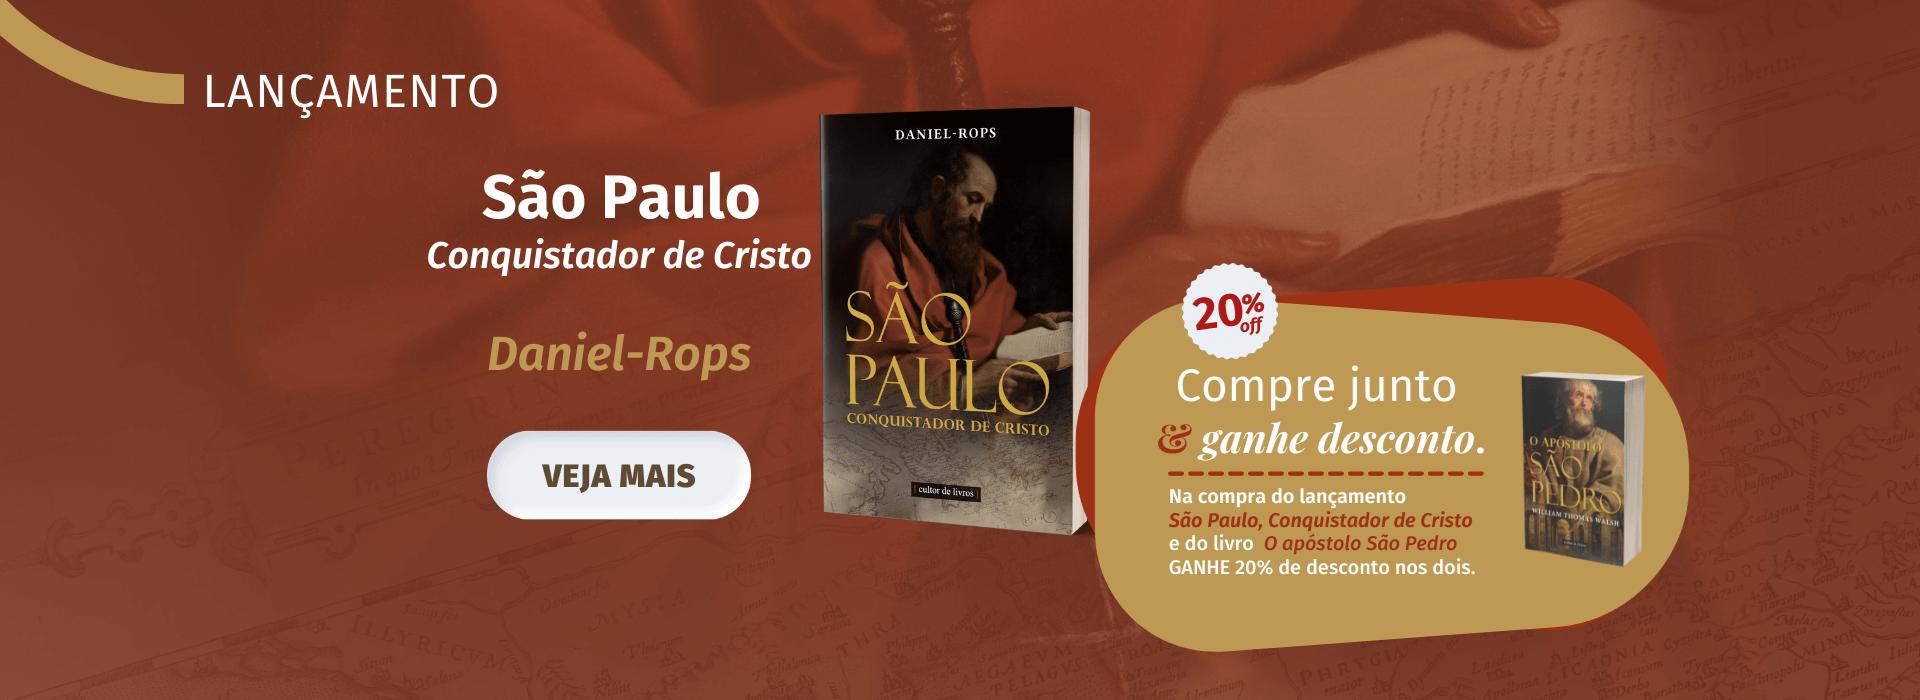 São Paulo conquistador de Cristo